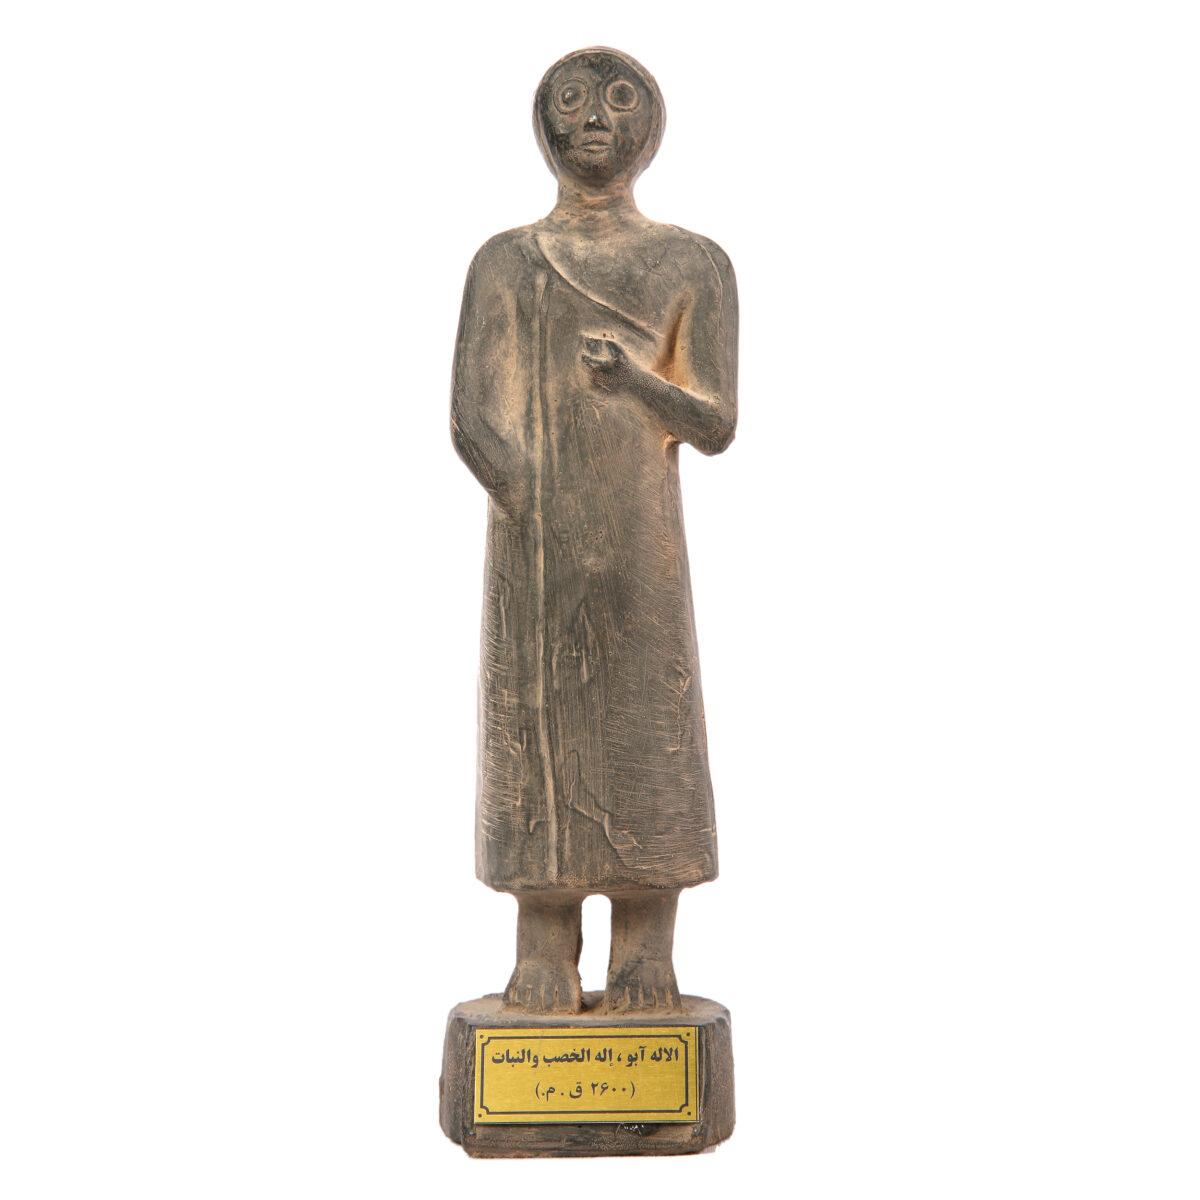 مجسمه تندیس و پیکره شهریار مدل الهه ابو اشنونا کد MO3260